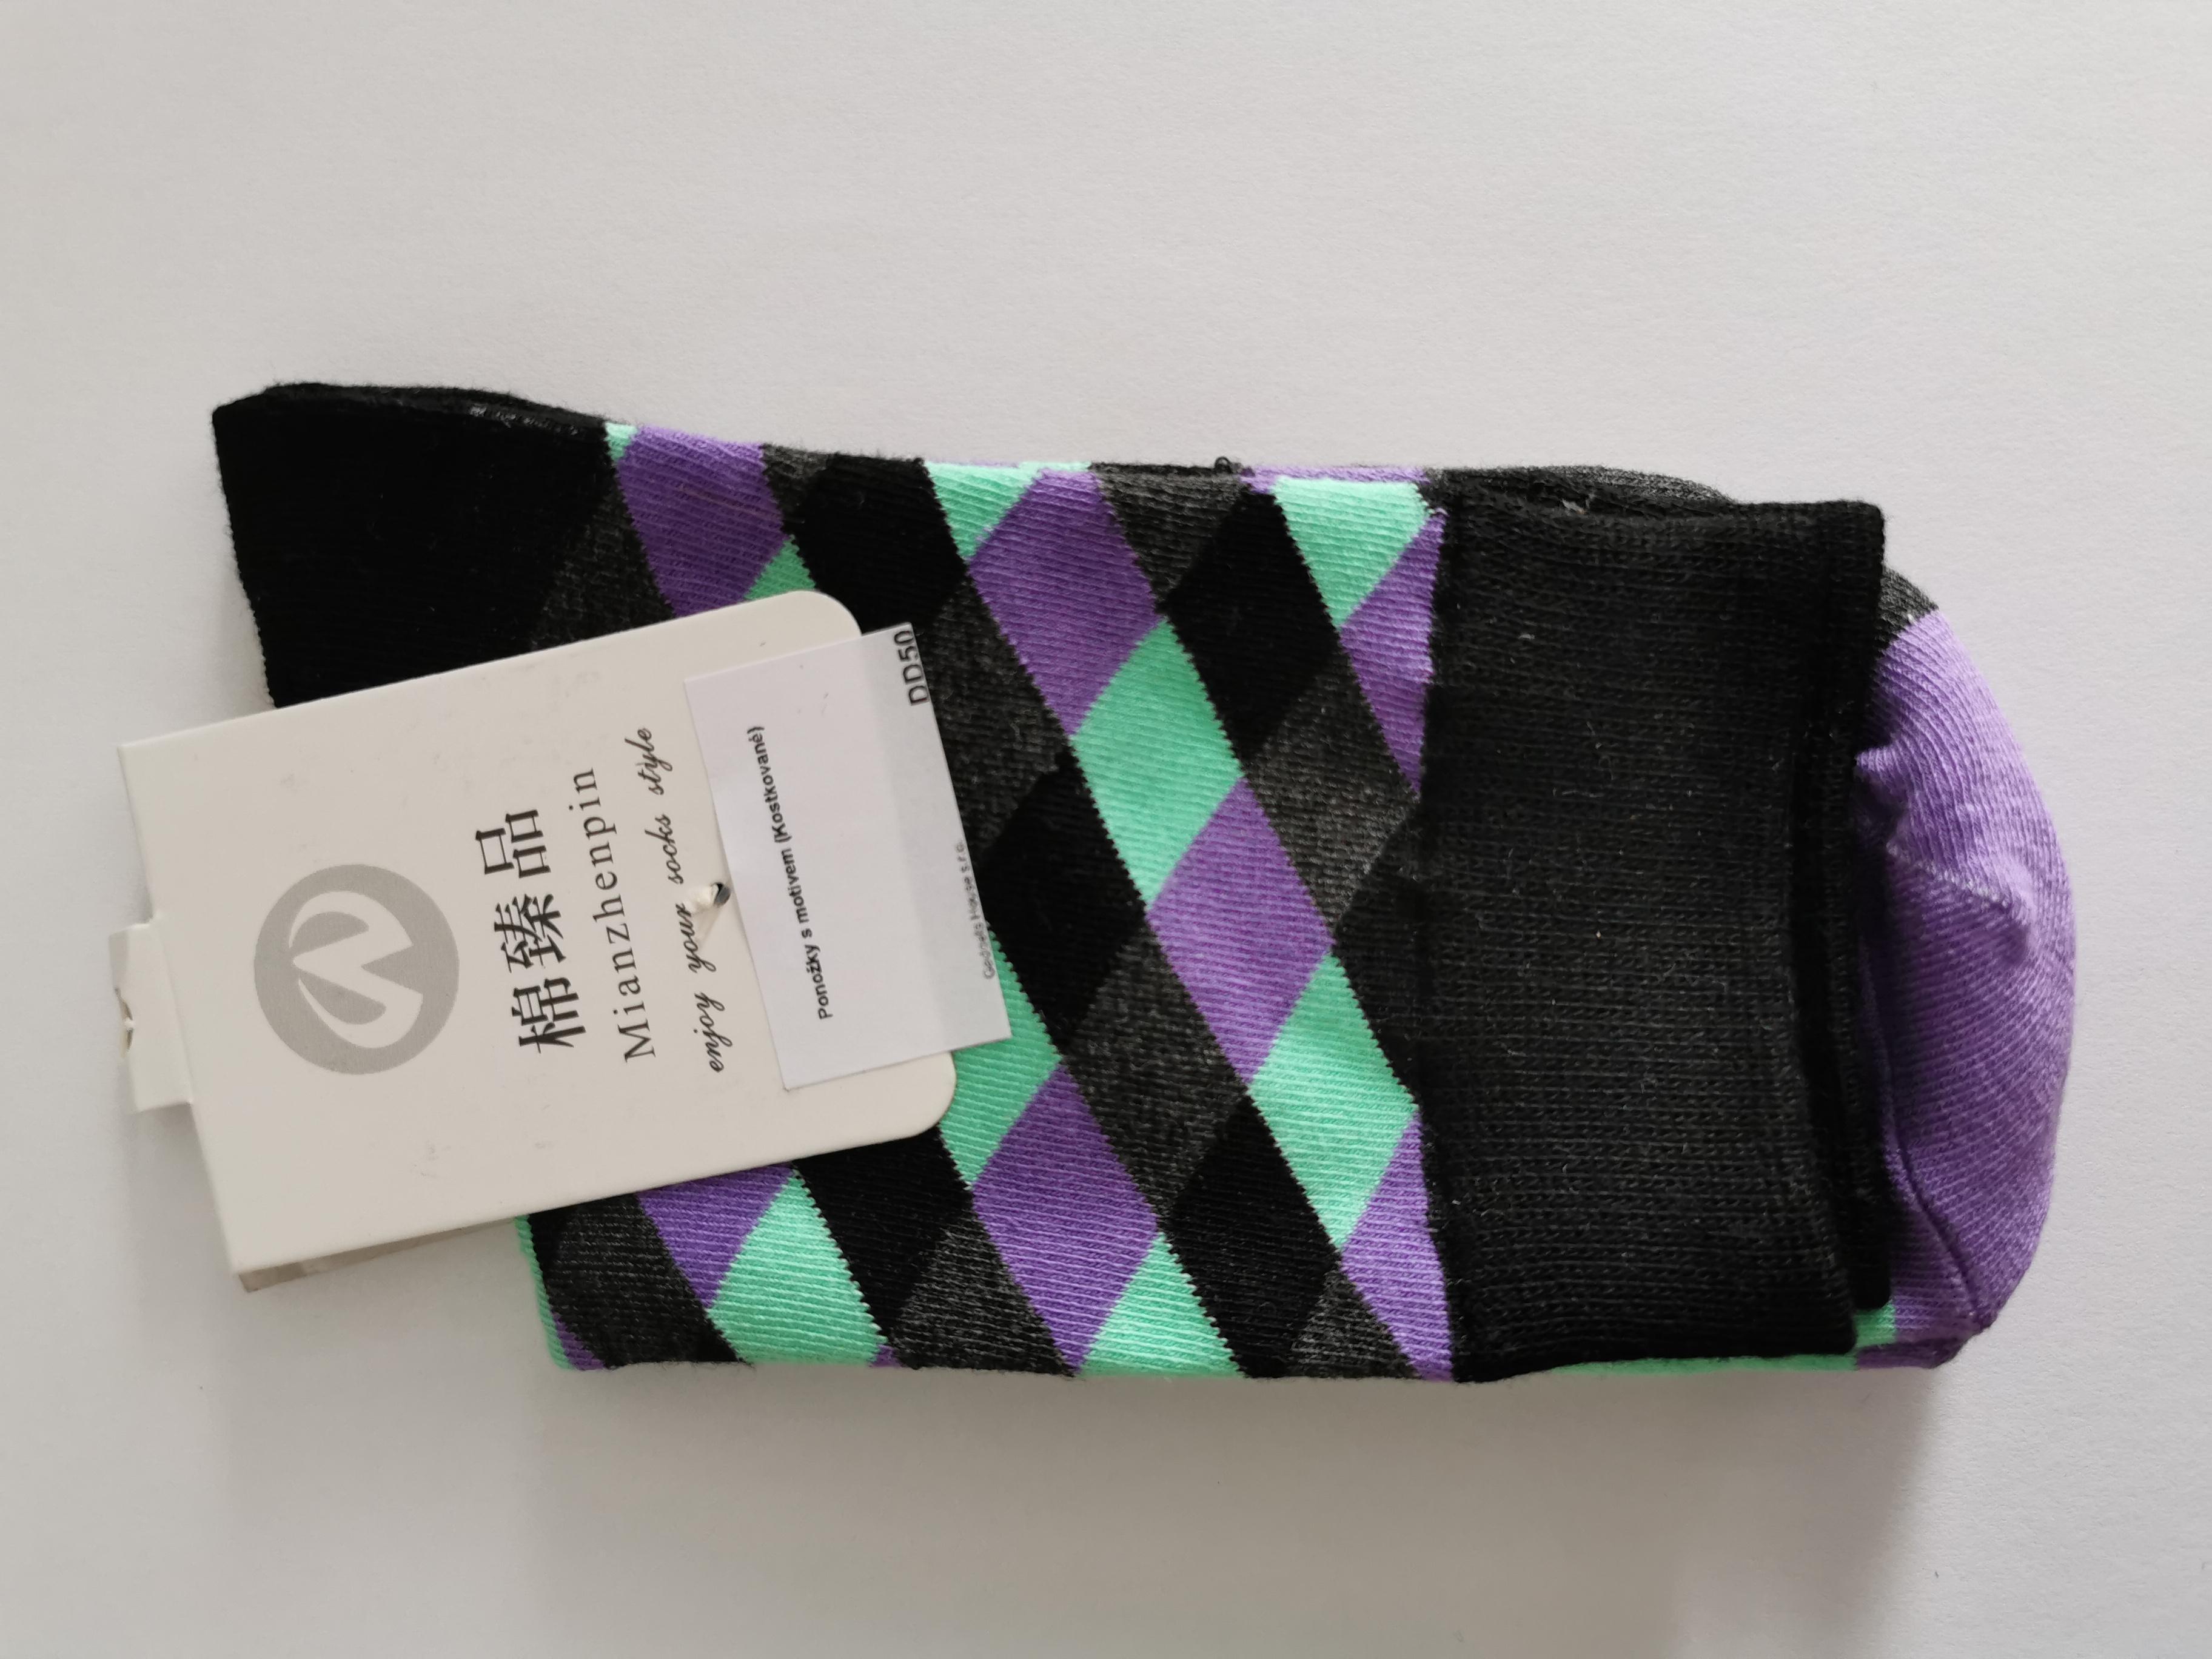 Ponožky s kostkovanými vzory - Černá se zeleno-fialovou